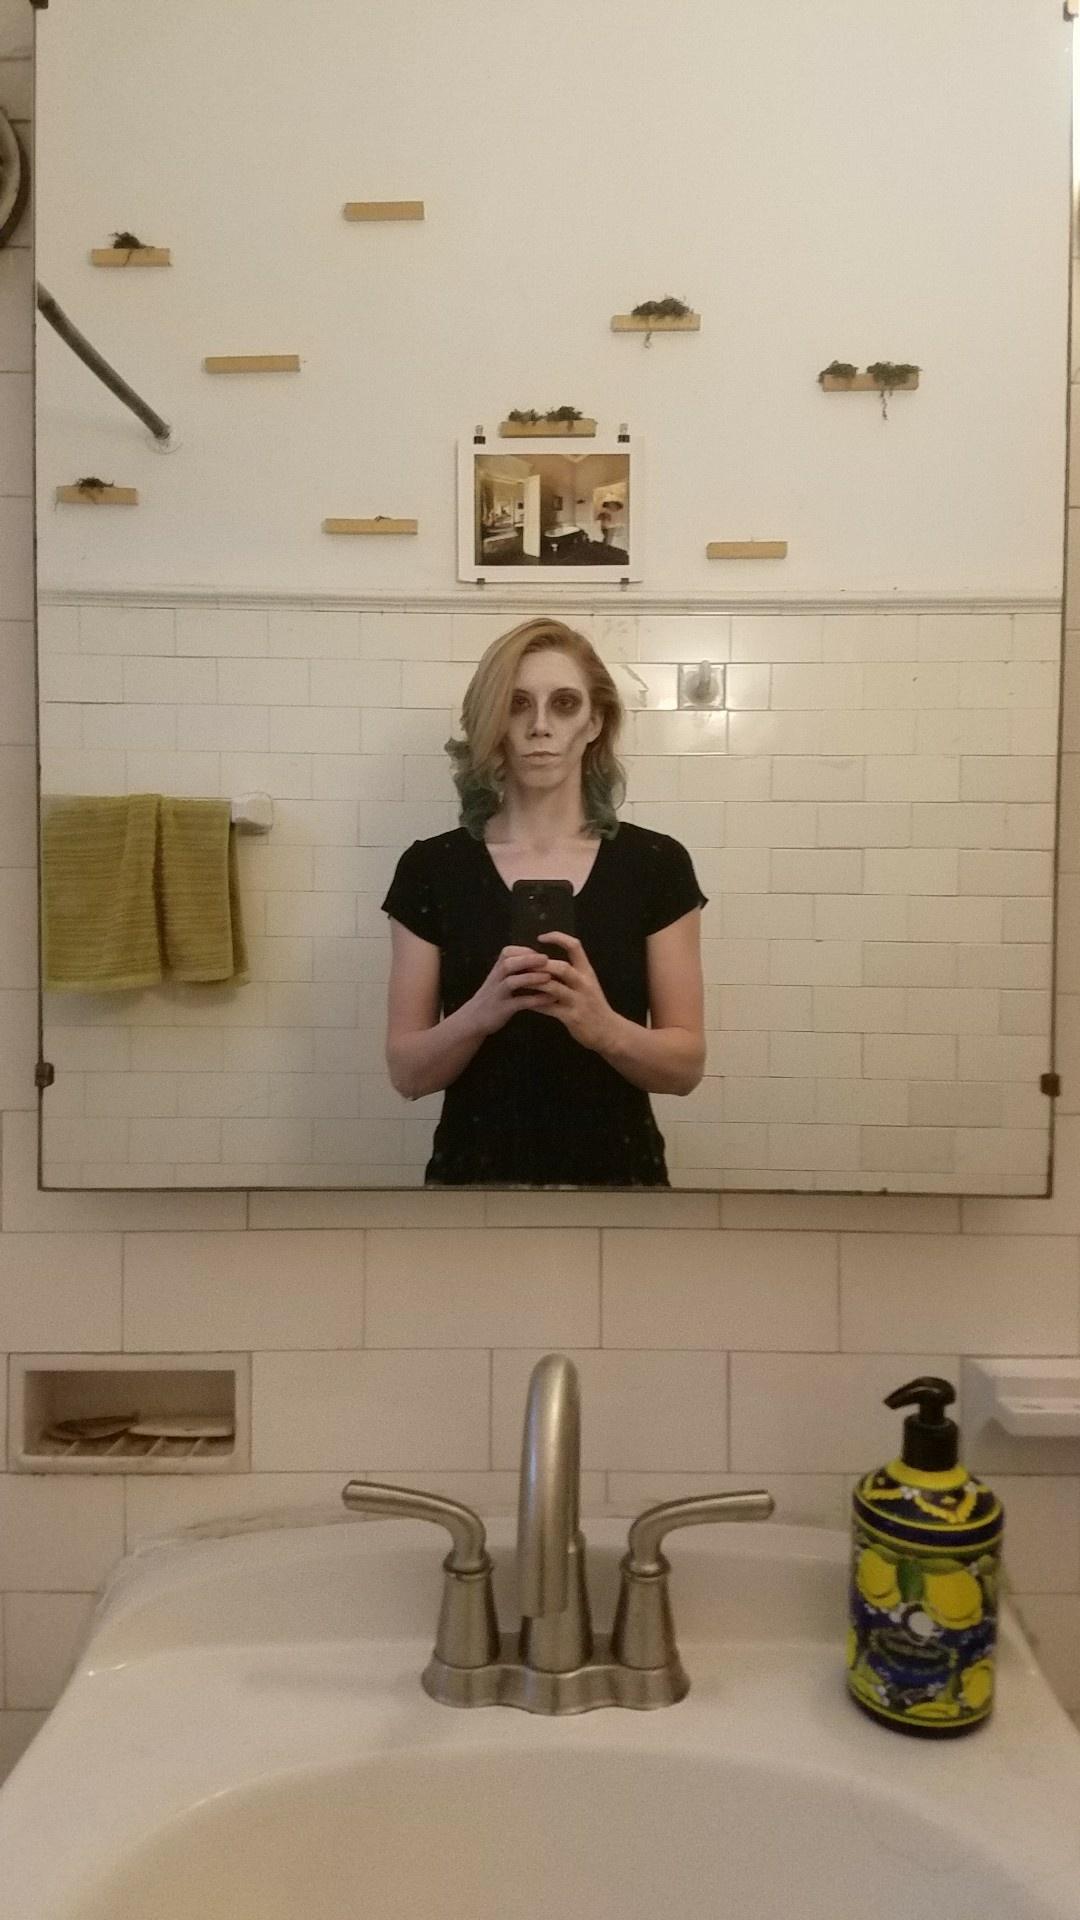 Creepy Ellen, Creepy Bathroom